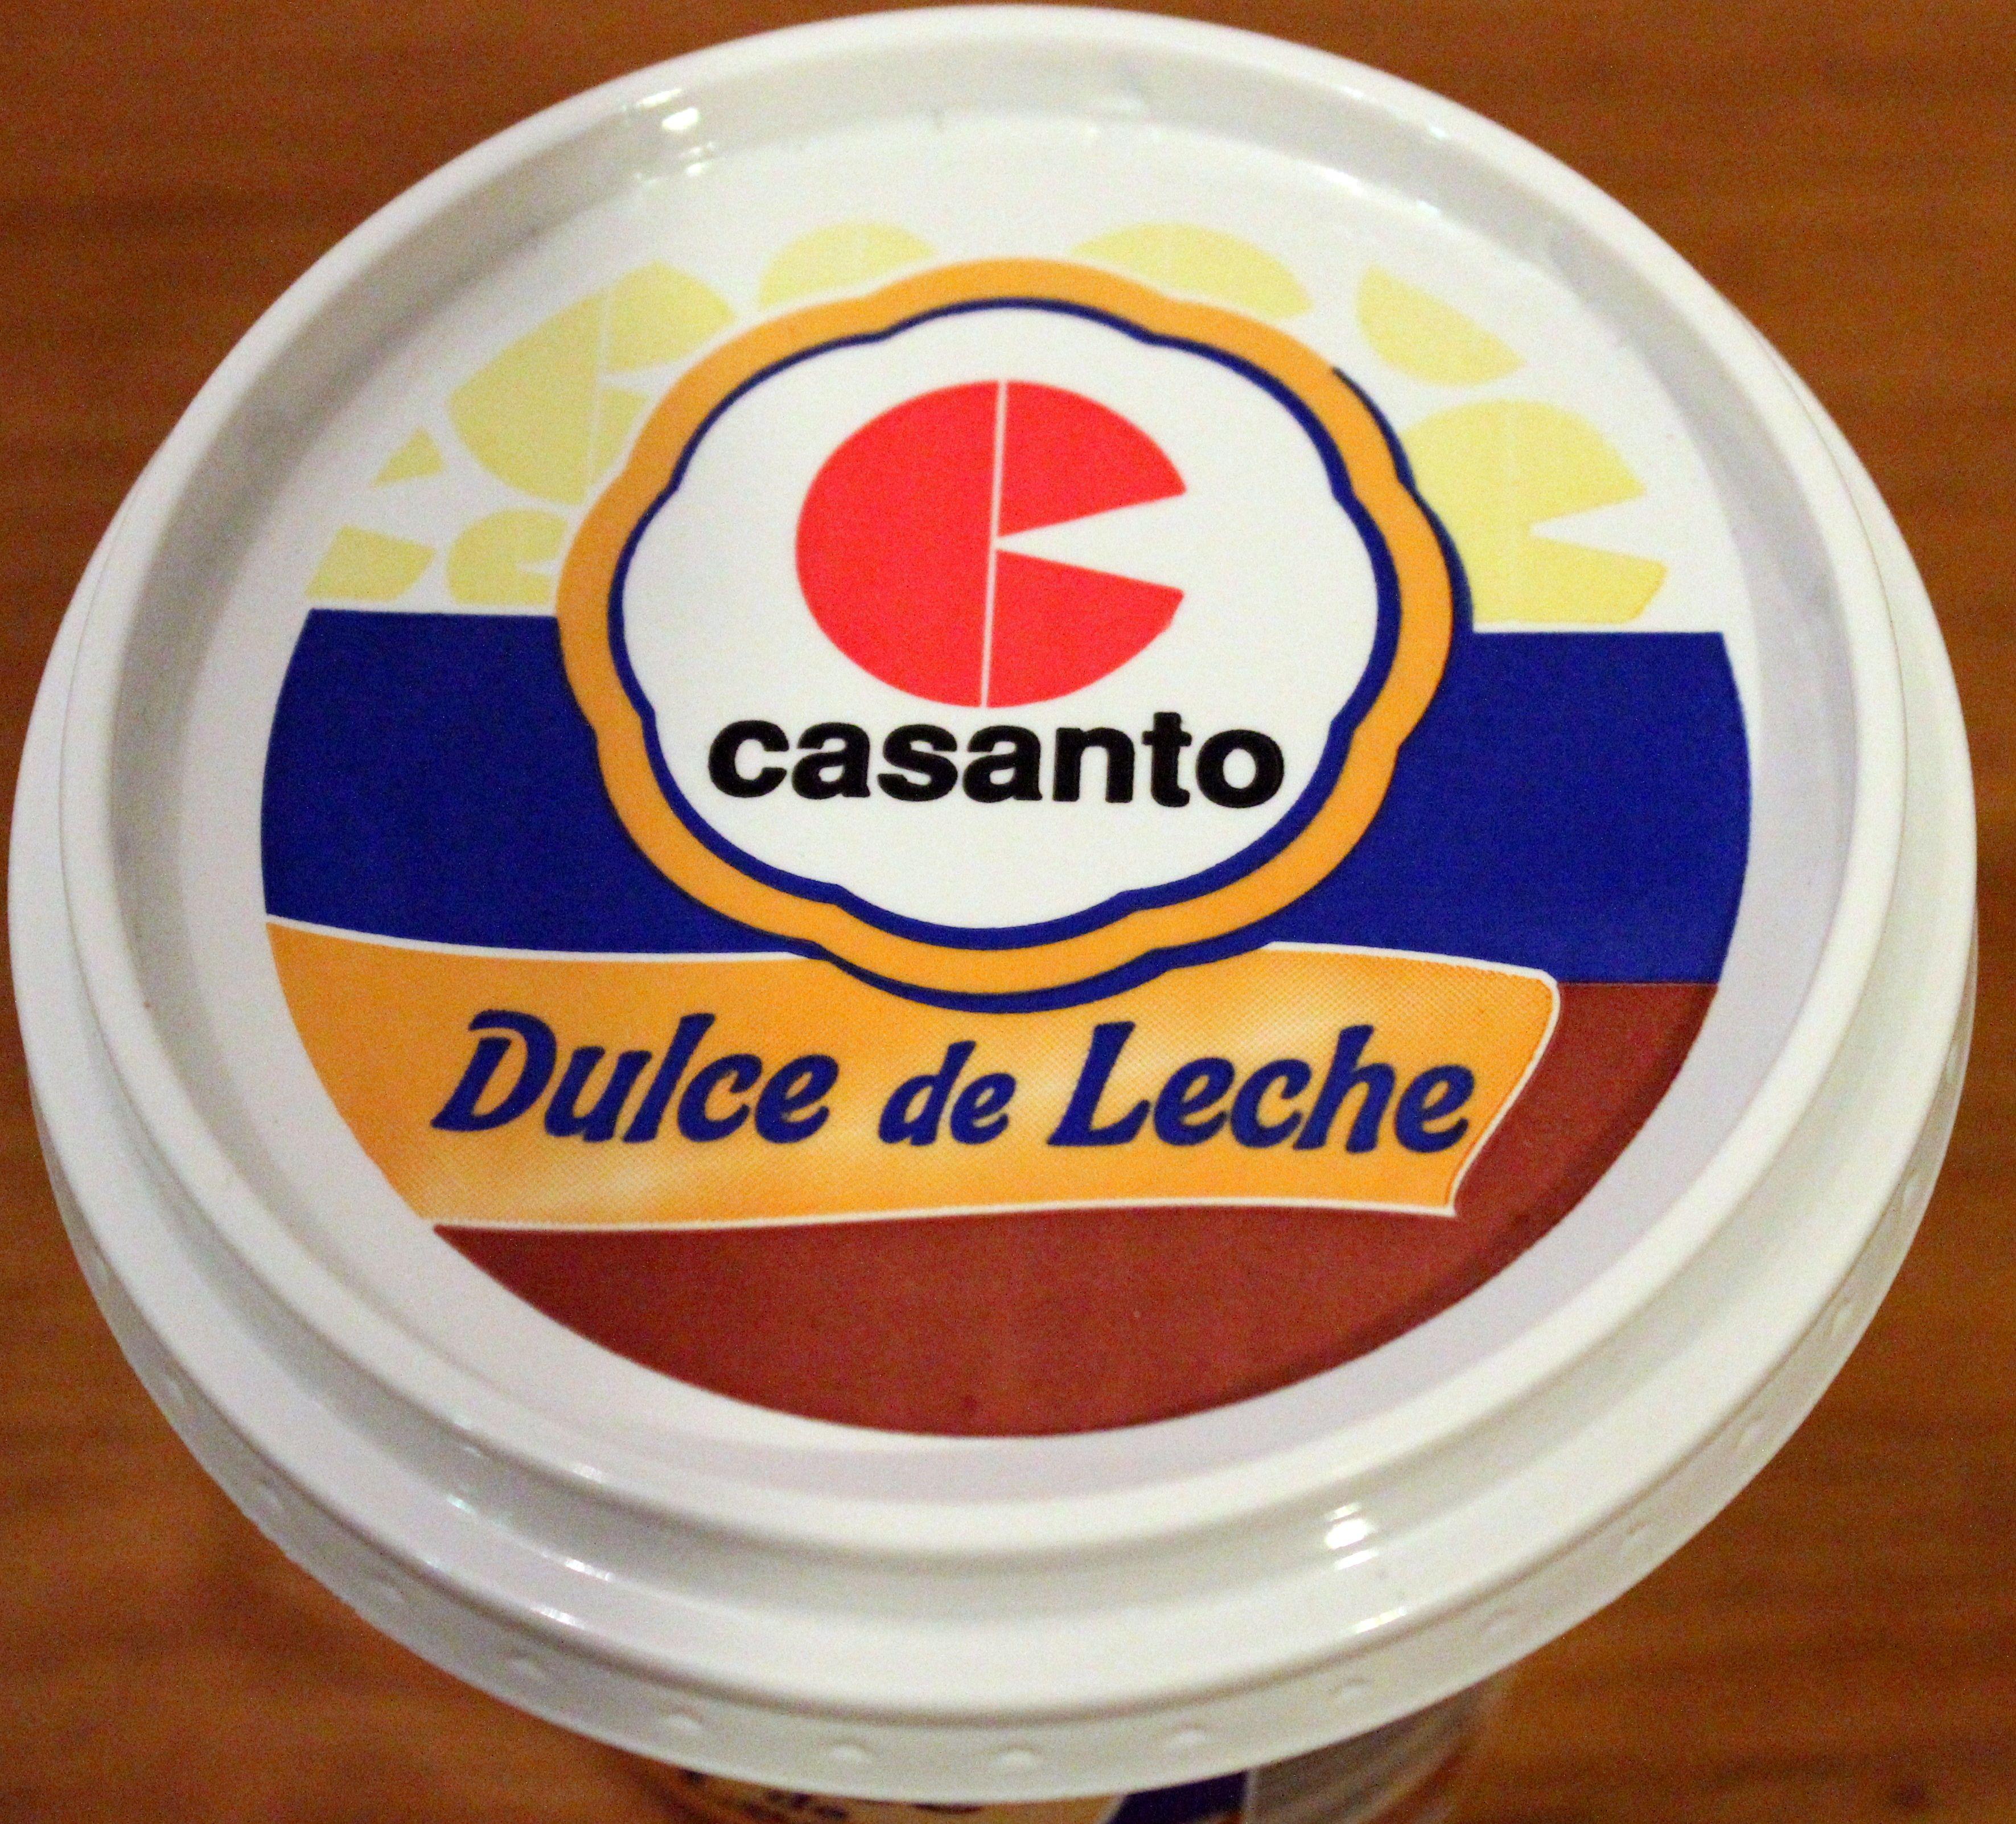 Dulce de leche Casanto